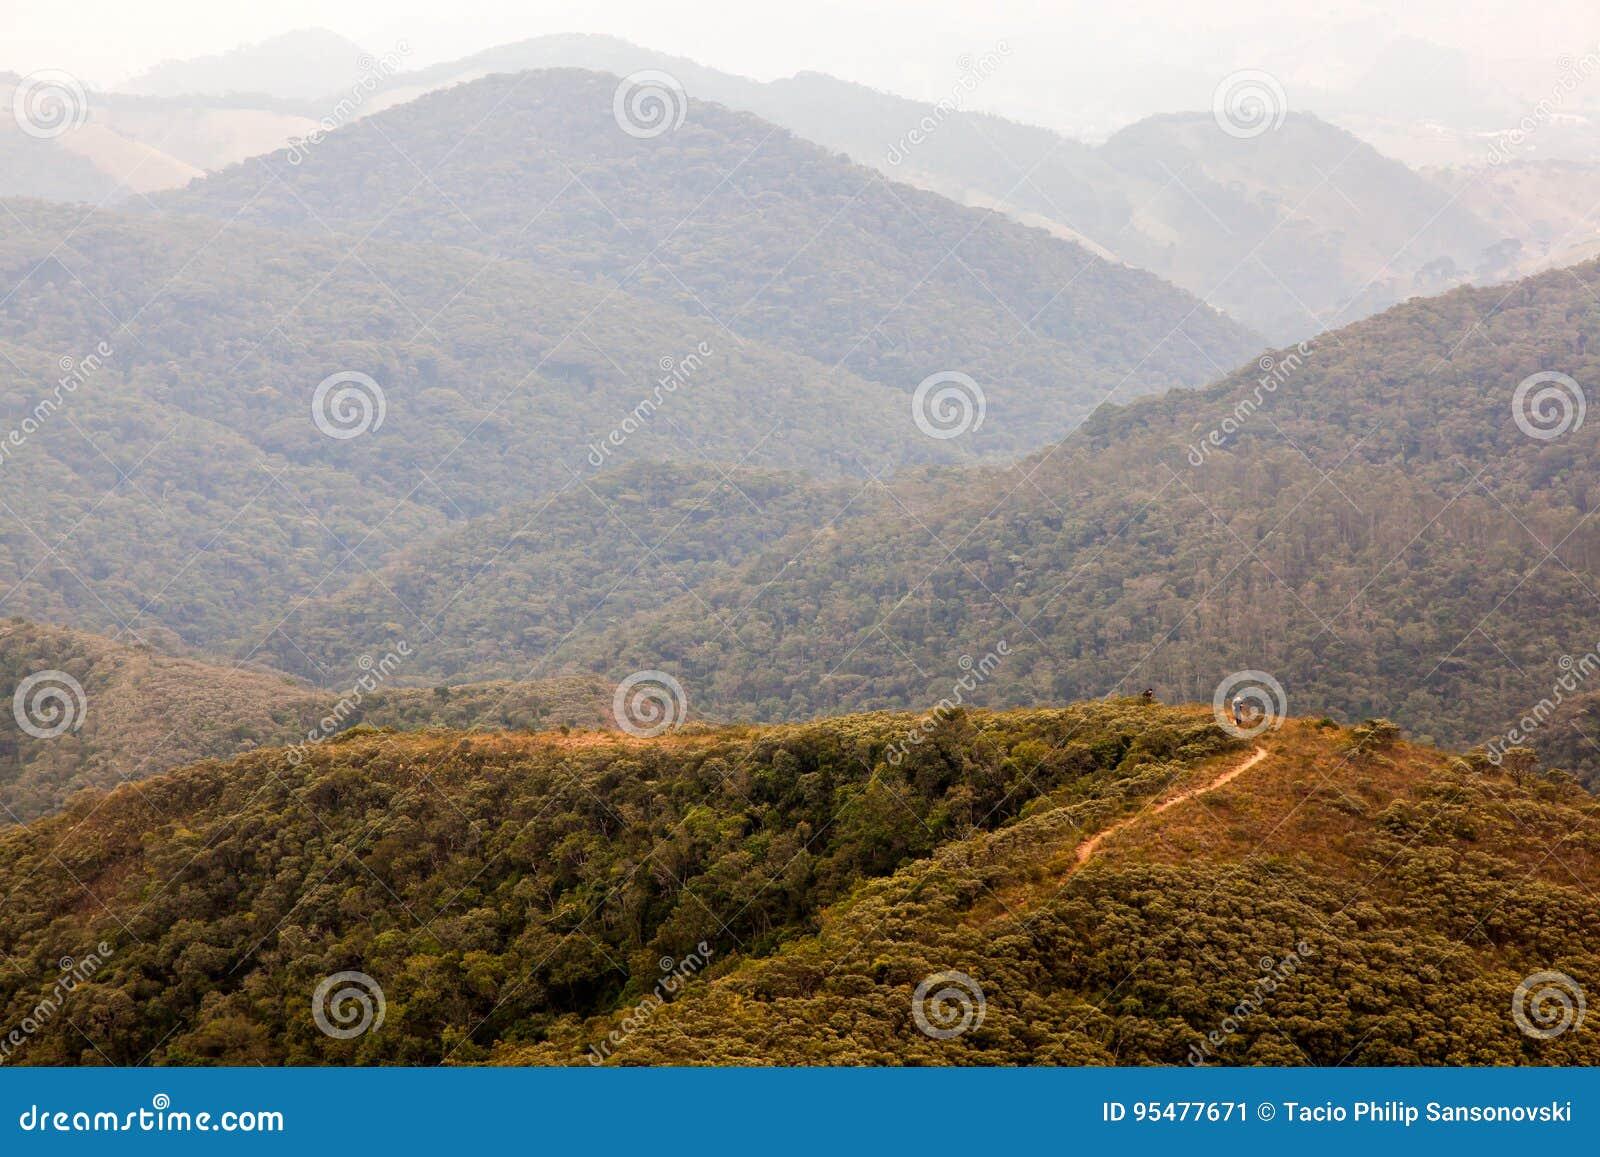 迁徙的人们在一座山在南巴西